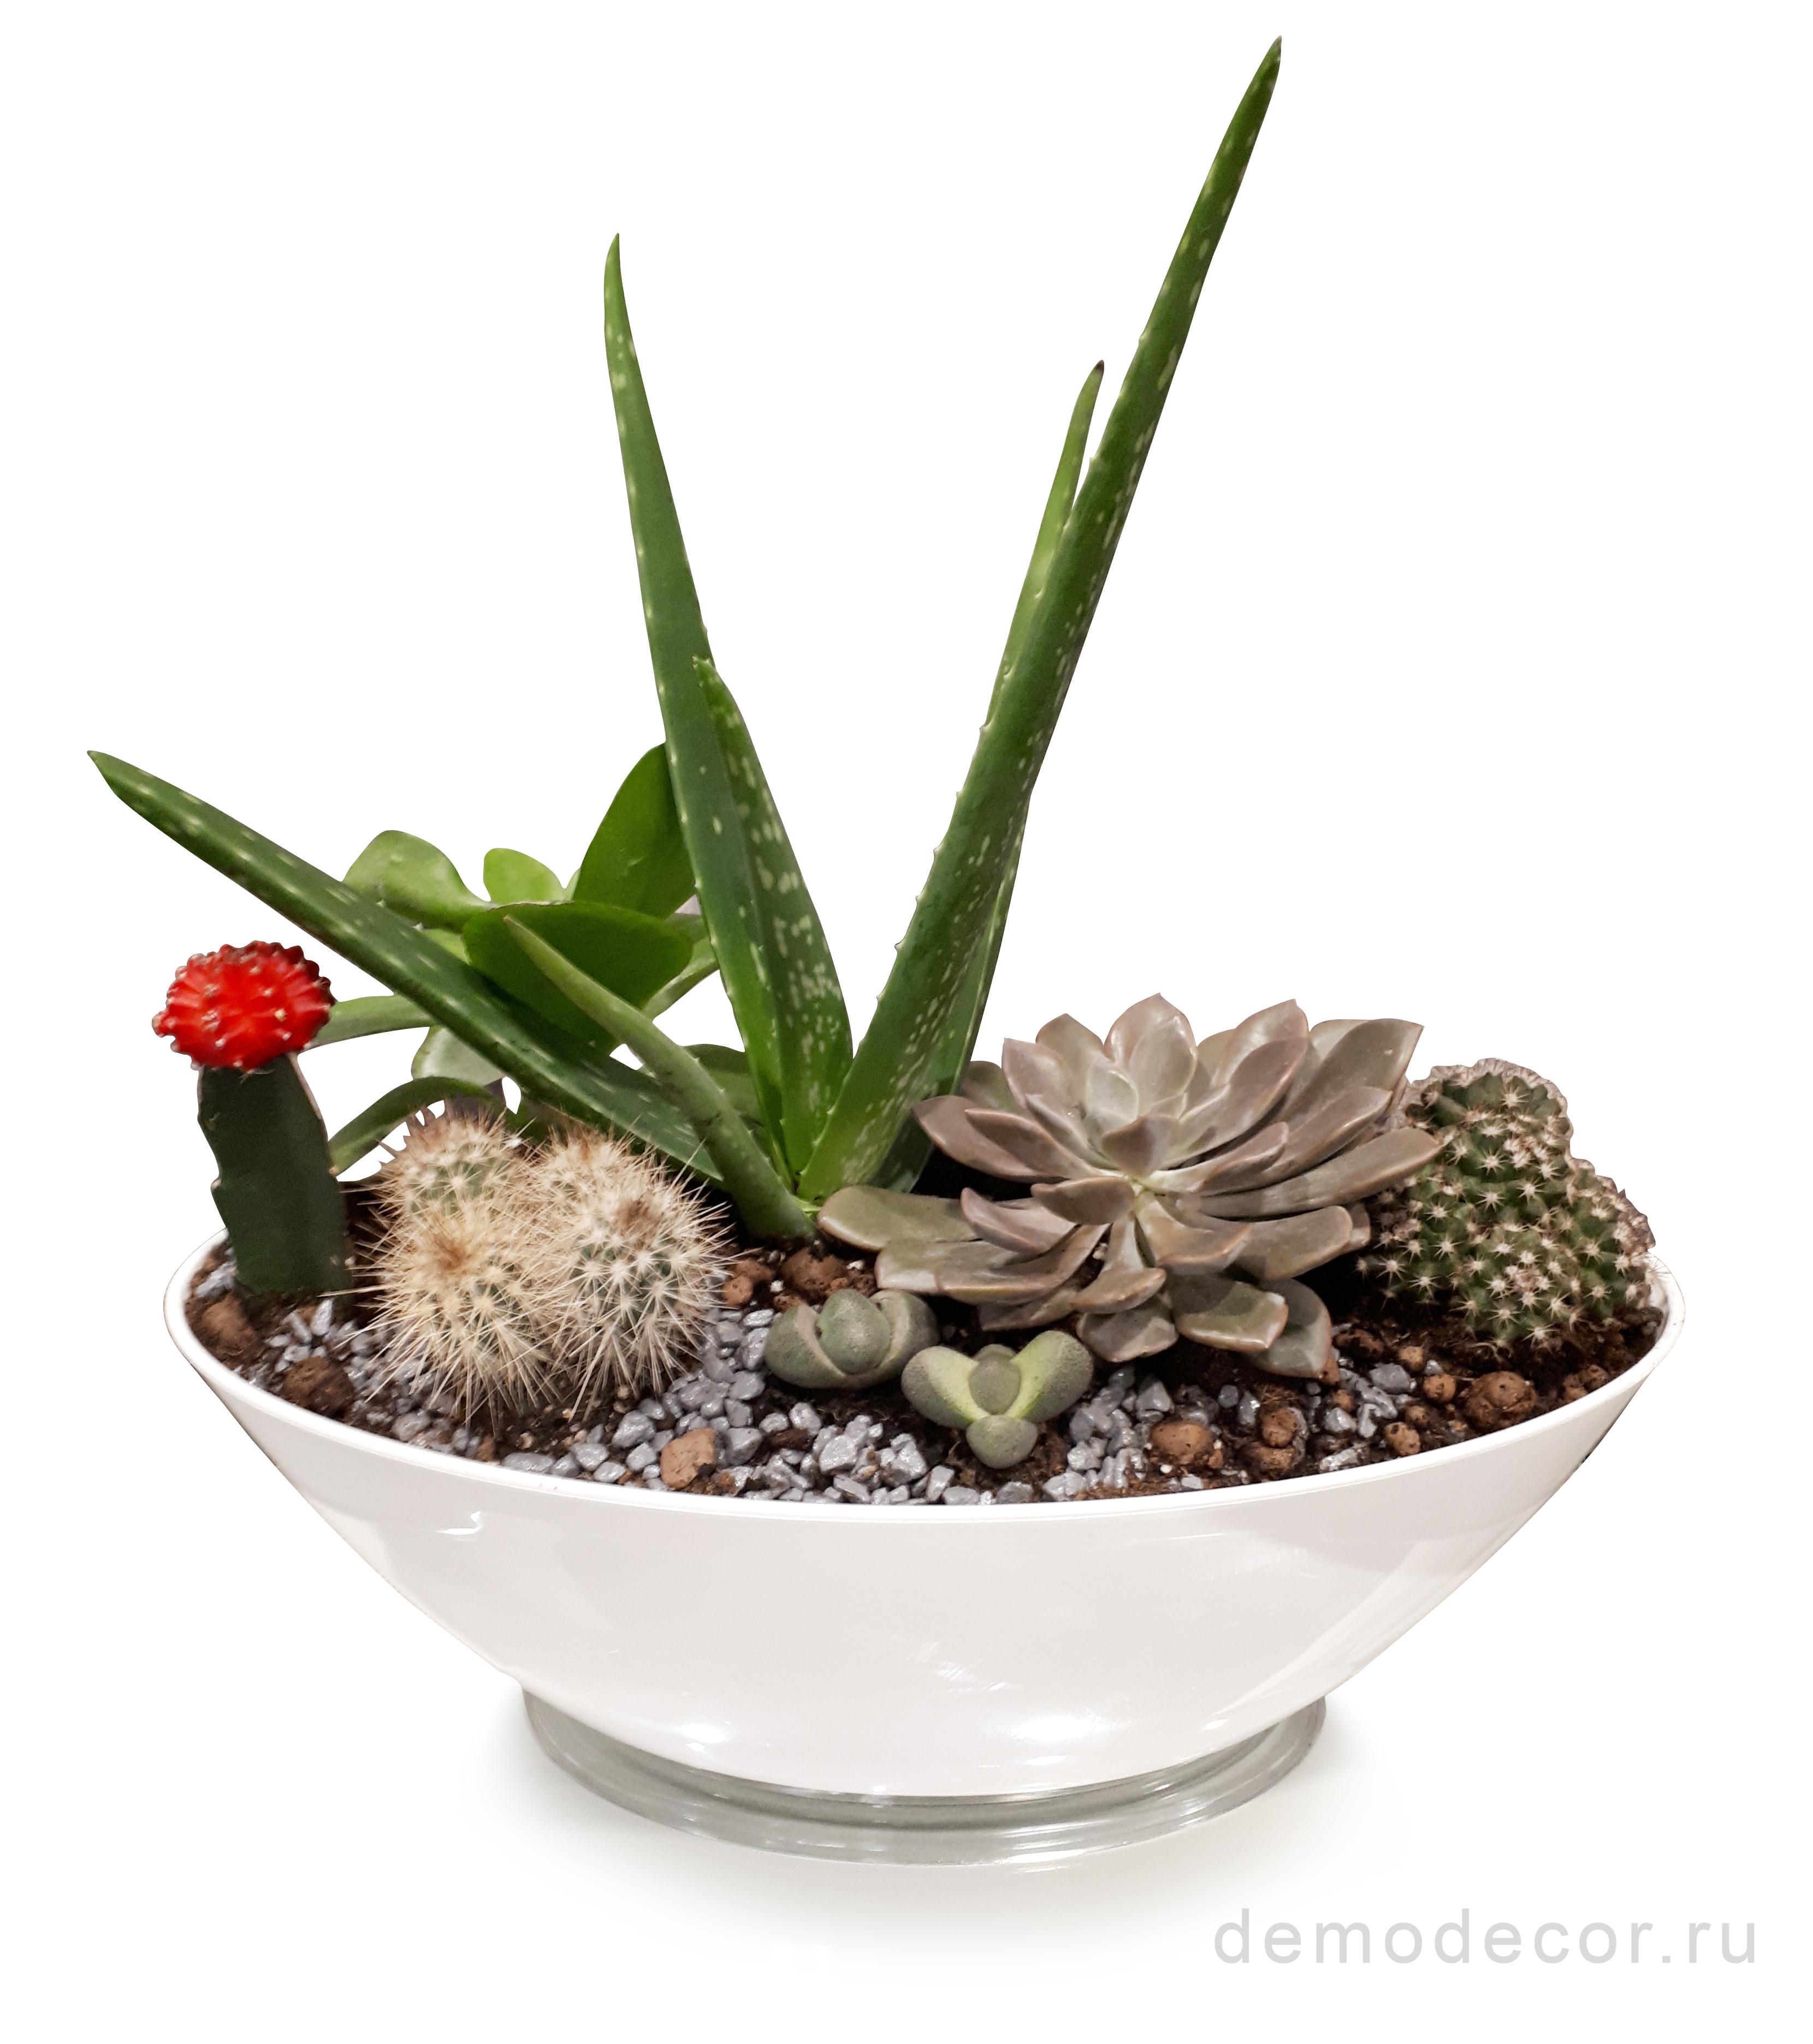 композиции из комнатных растений, композиции из суккулентов